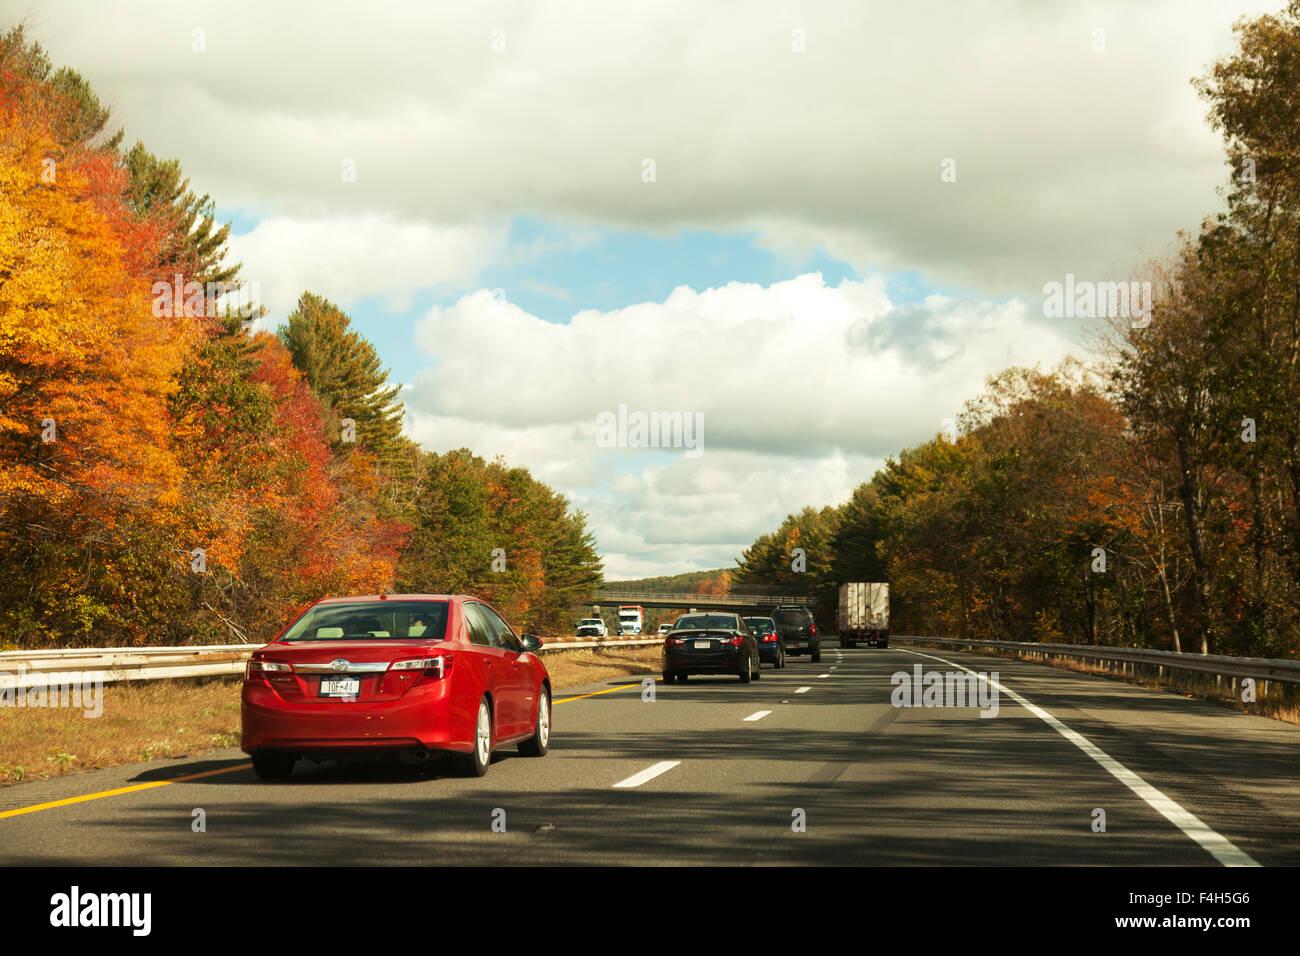 Cars driving sulla Interstate 90 ( I-90 ) l'autostrada o superstrada, noto anche come il Mass Pike, Massachusetts, Immagini Stock